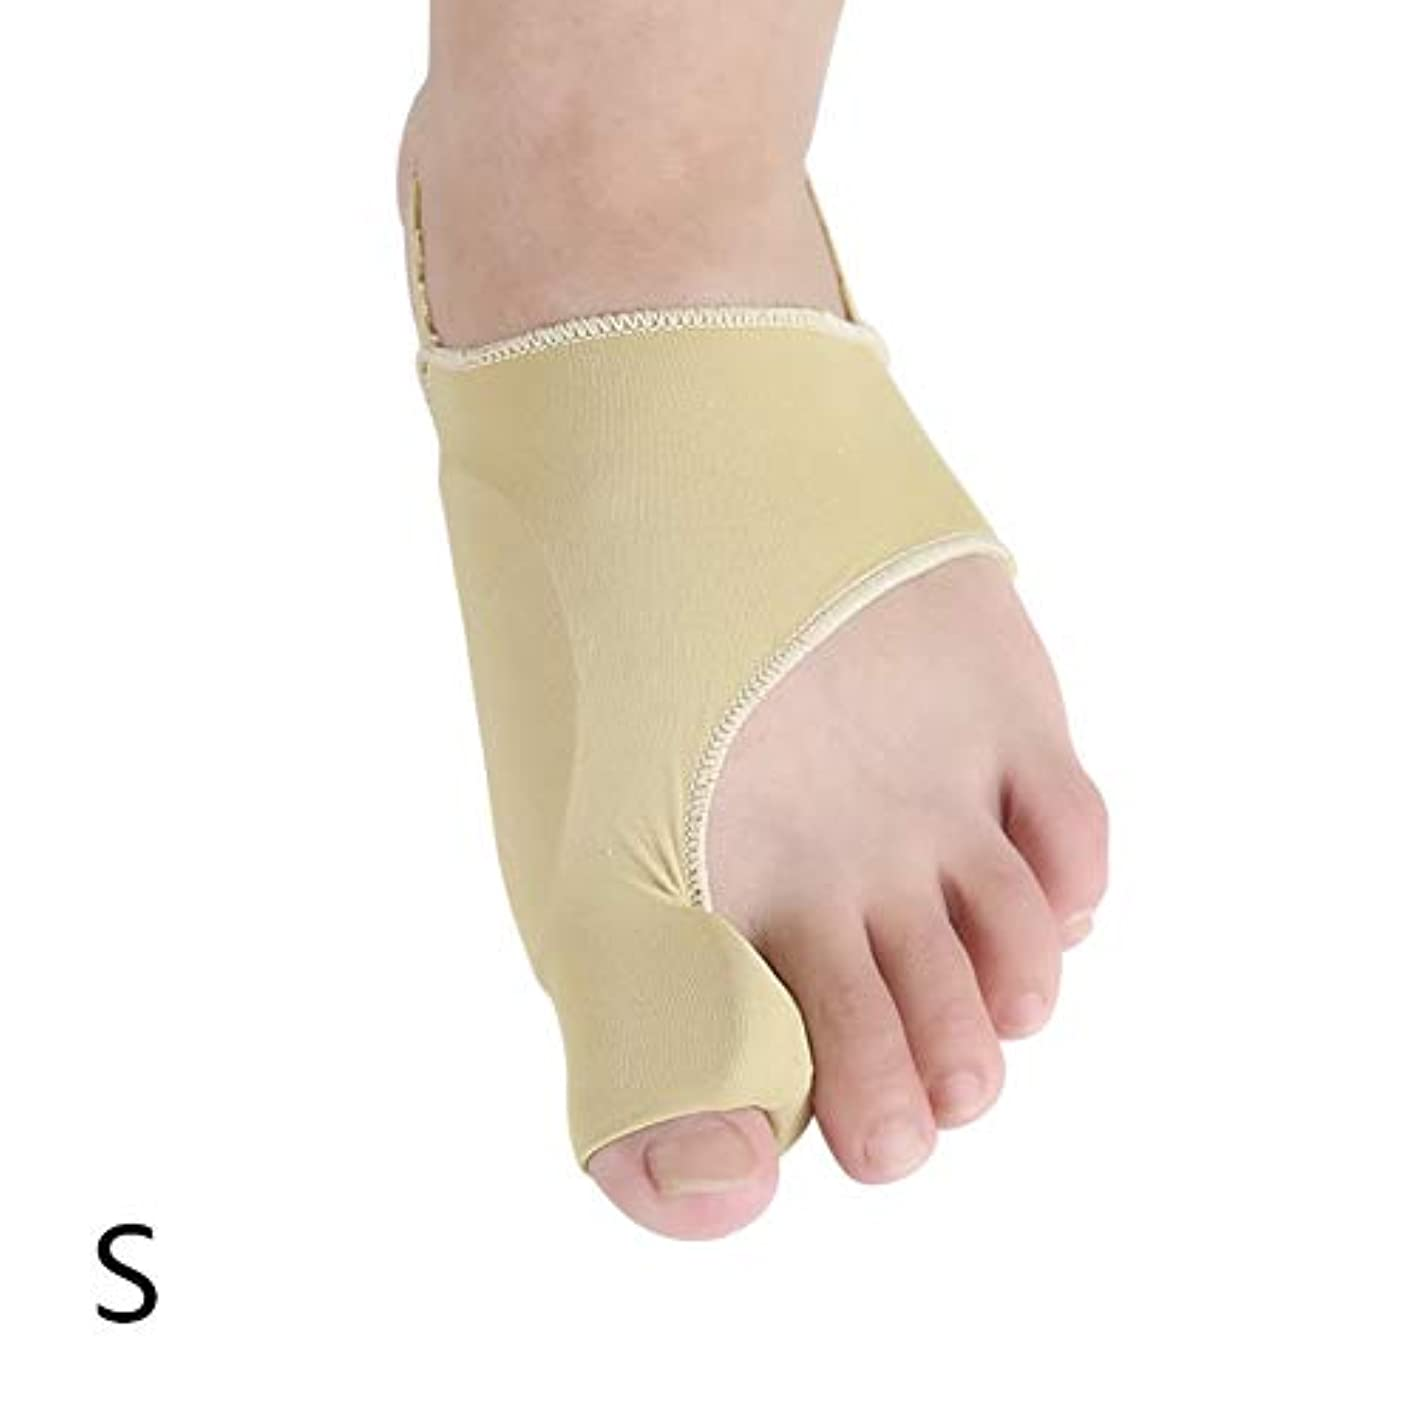 スツール悪性の調停するKISSION 親指外反矯正 大骨矯正ベルト つま先セパレーター 毎日の使用 つま先の分離保護 フットケアツール 男性と女性のつま先プロテクター